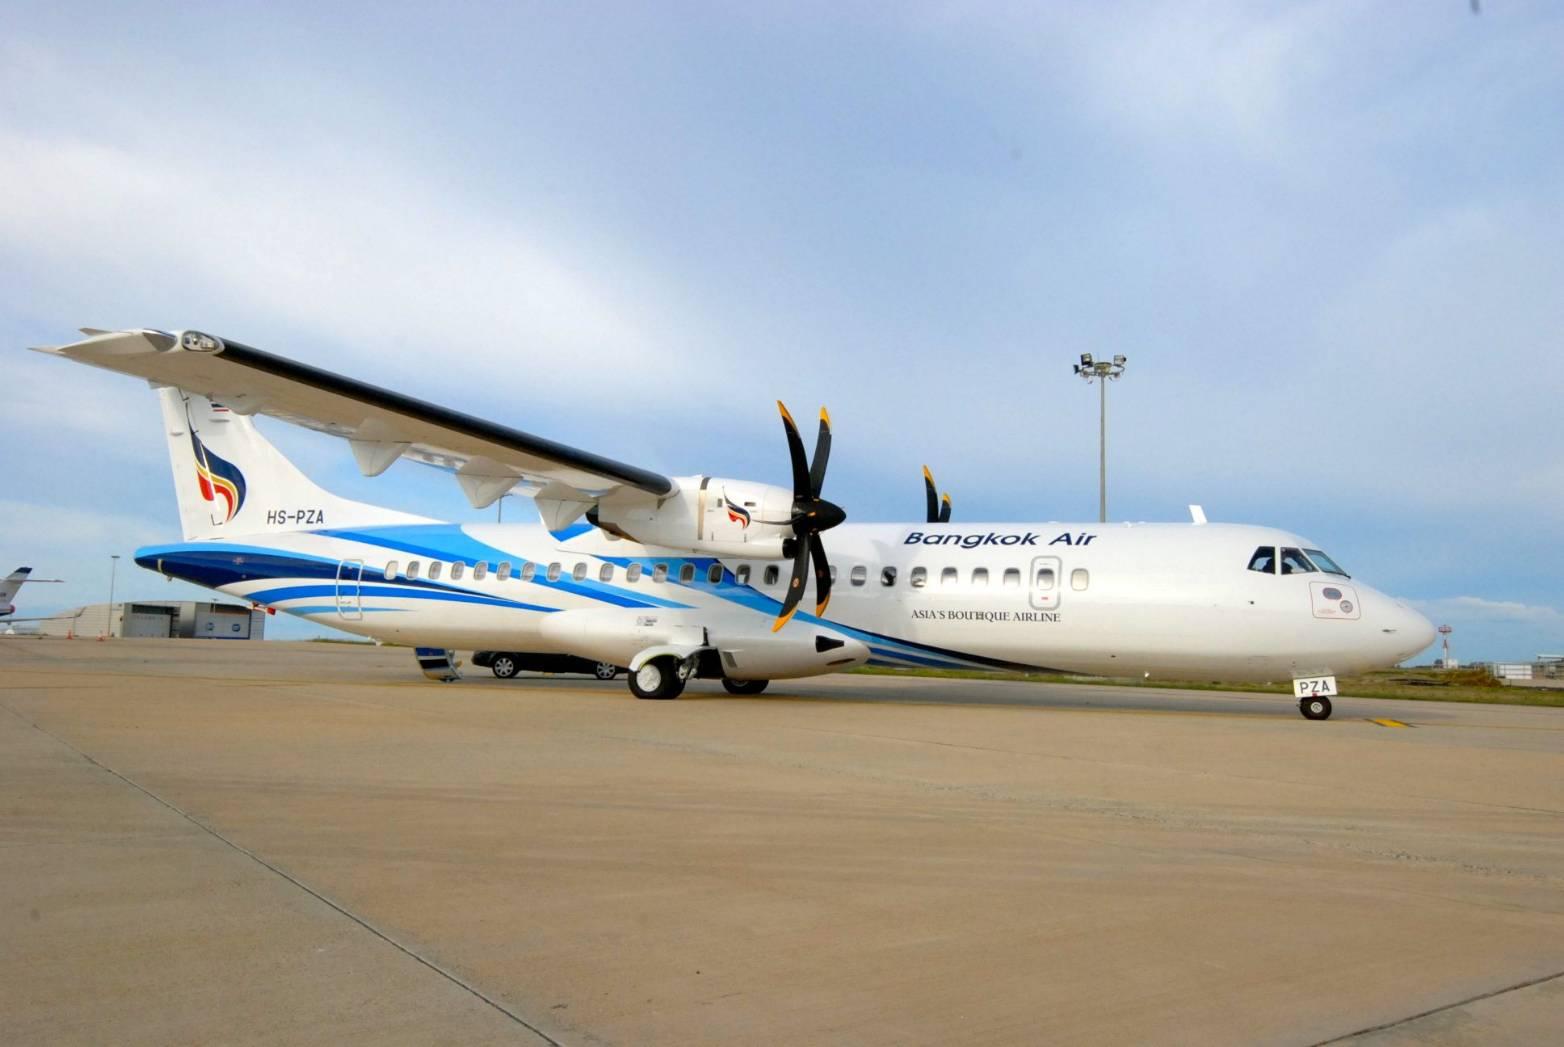 แอร์ไลน์ปรับแผนบินภูเก็ต การบินไทย ยกเลิกโคเปนเฮเกน บางกอกแอร์เวย์ส หยุดบินสมุย ส.ค.นี้ – ท่องเที่ยว